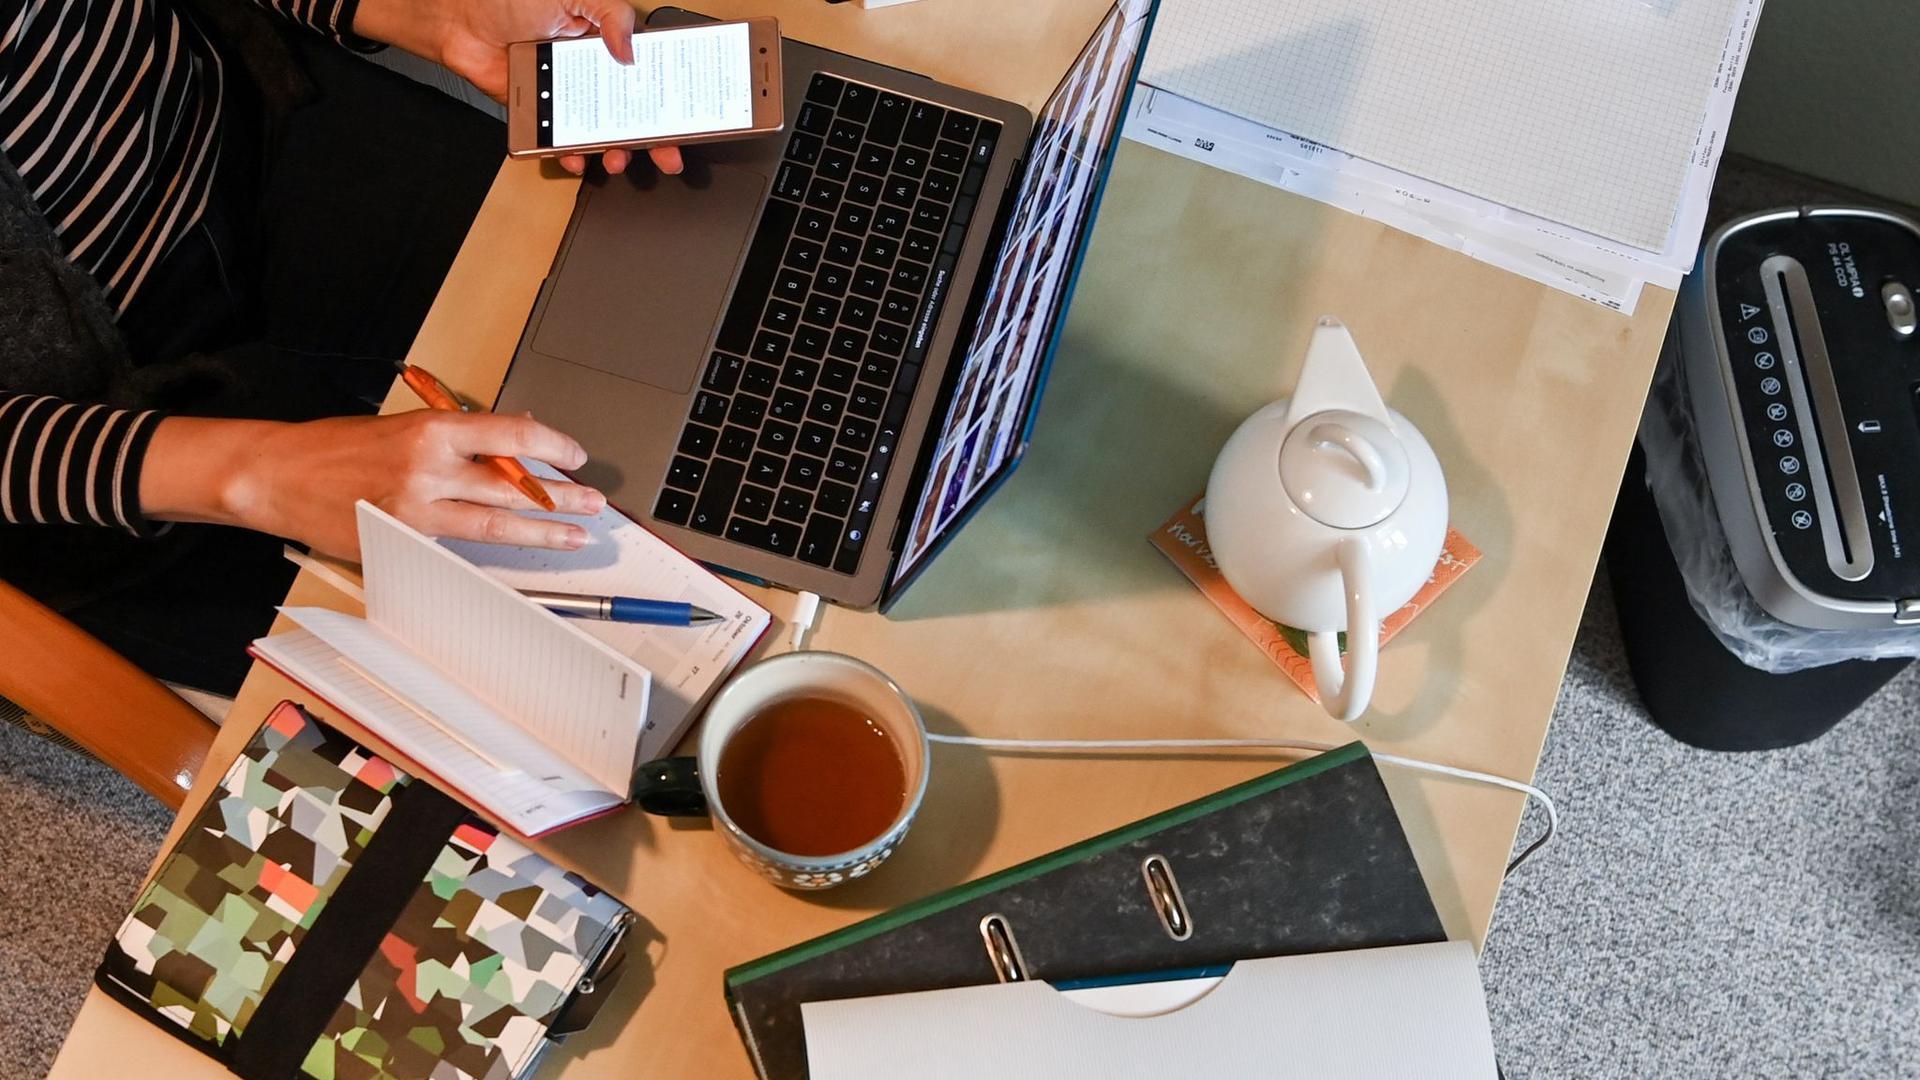 Arbeiten im Homeoffice bedeutet laut einer Studie der Internationalen Arbeitsorganisation (ILO)auch teils schwierige Arbeitsbedingungen und wenig Schutz.